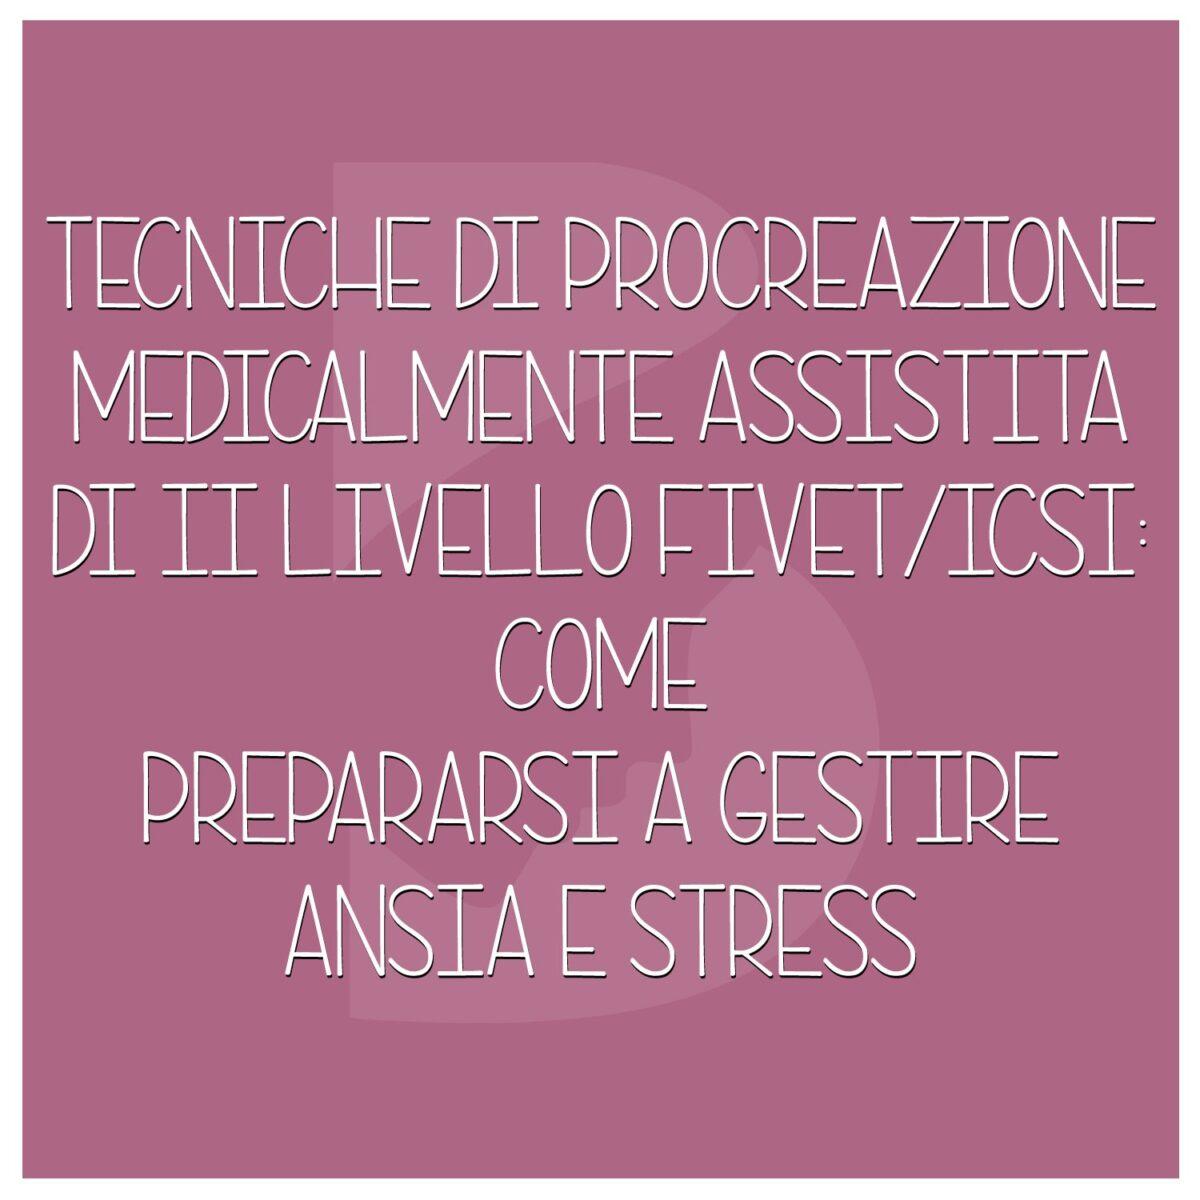 Tecniche-di-procreazione-medicalmente-assistita-di-II-LIVELLO-FIVETICSI-come-prepararsi-a-gestire-ansia-e-stress--1200x1200.jpeg